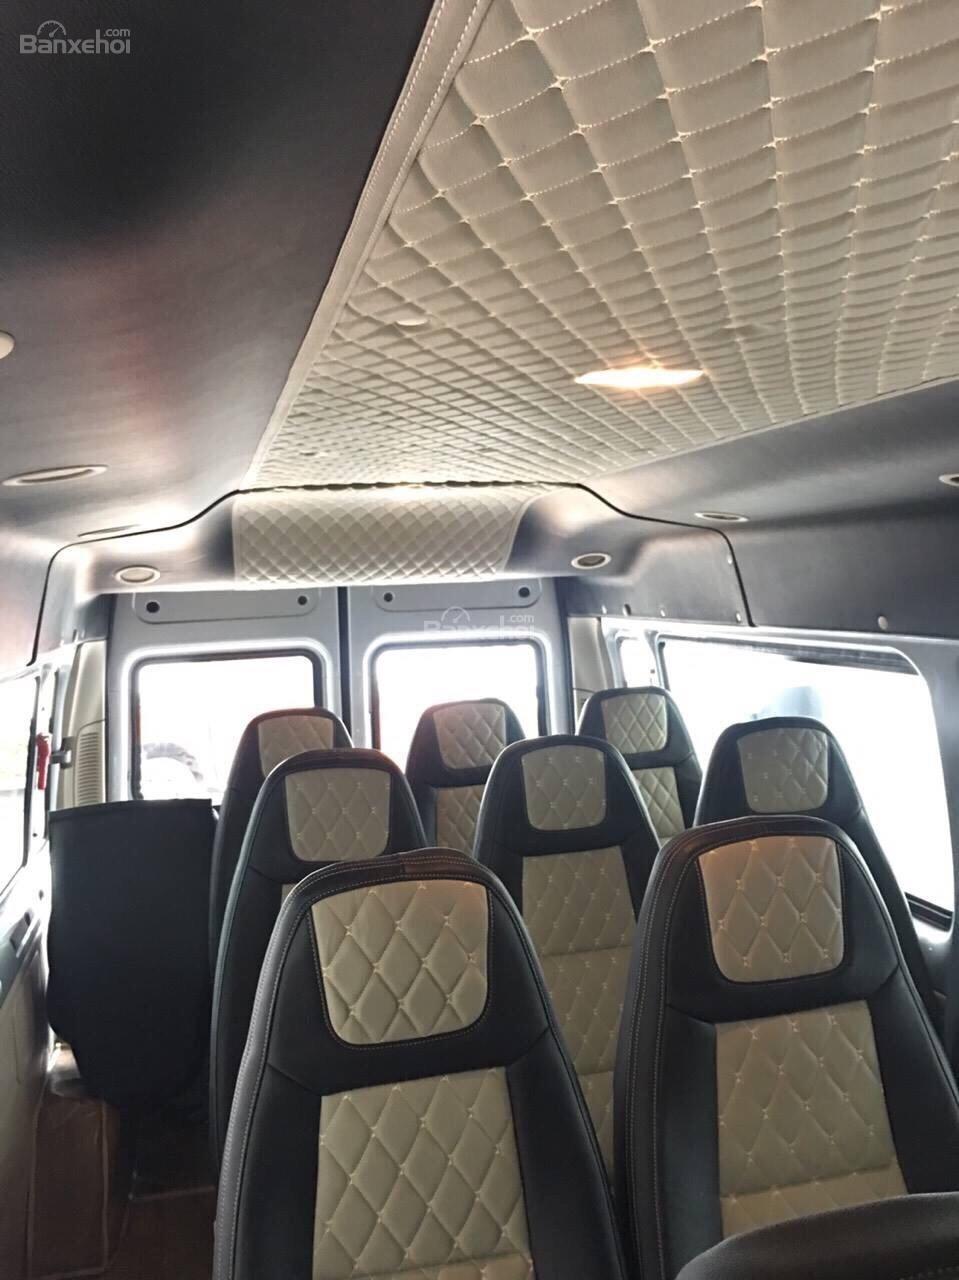 Bán Transit 2019, giao xe ngay hỗ trợ vay 5-7 năm 80-90% giá trị xe tặng ngay hộp đen - lót sàn giả gỗ - bọc trần-4